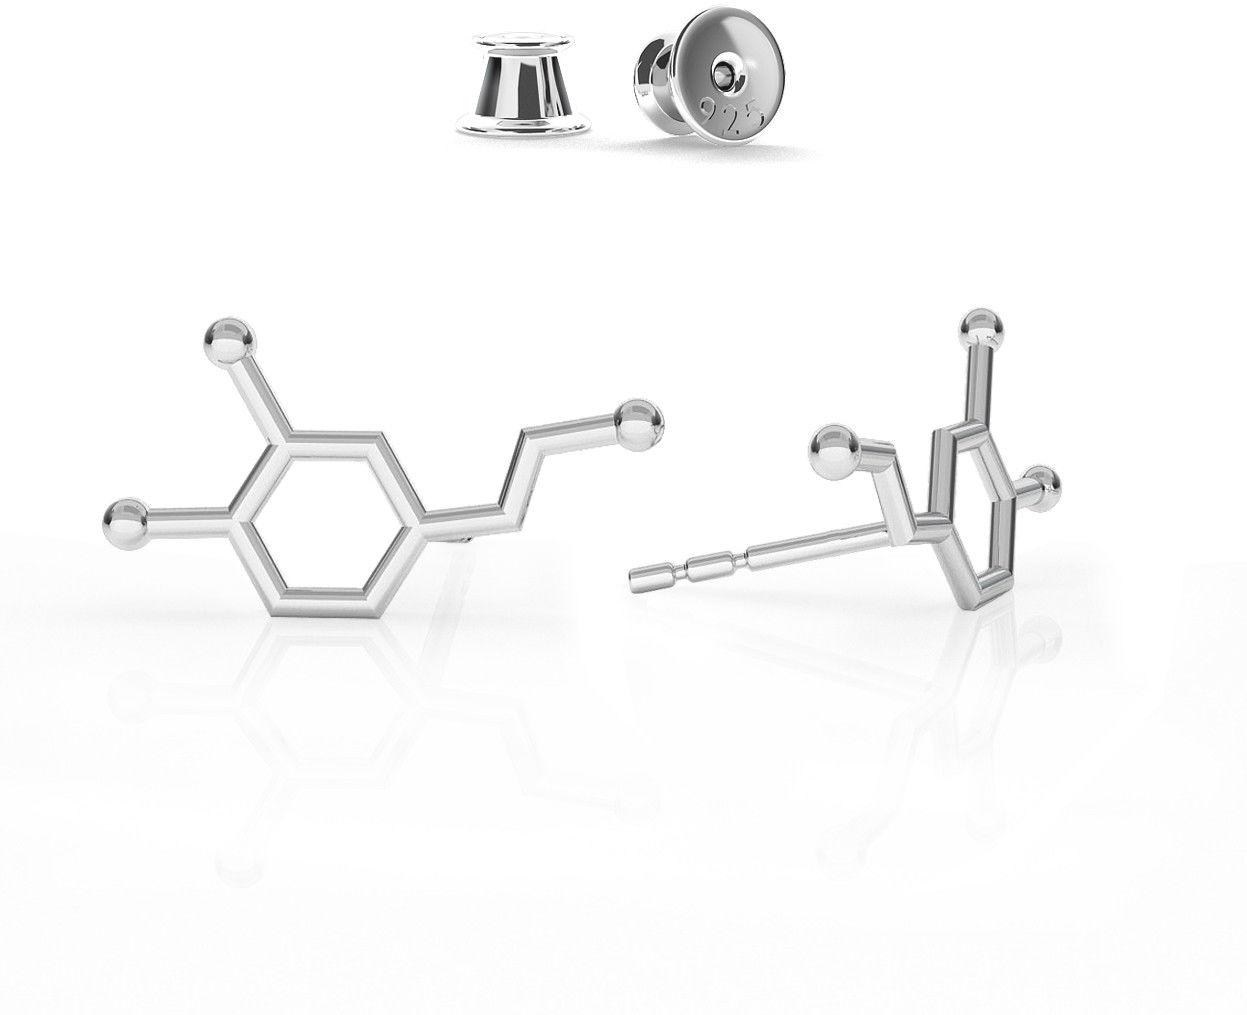 Srebrne kolczyki dopamina wzór chemiczny, srebro 925 : Srebro - kolor pokrycia - Pokrycie platyną